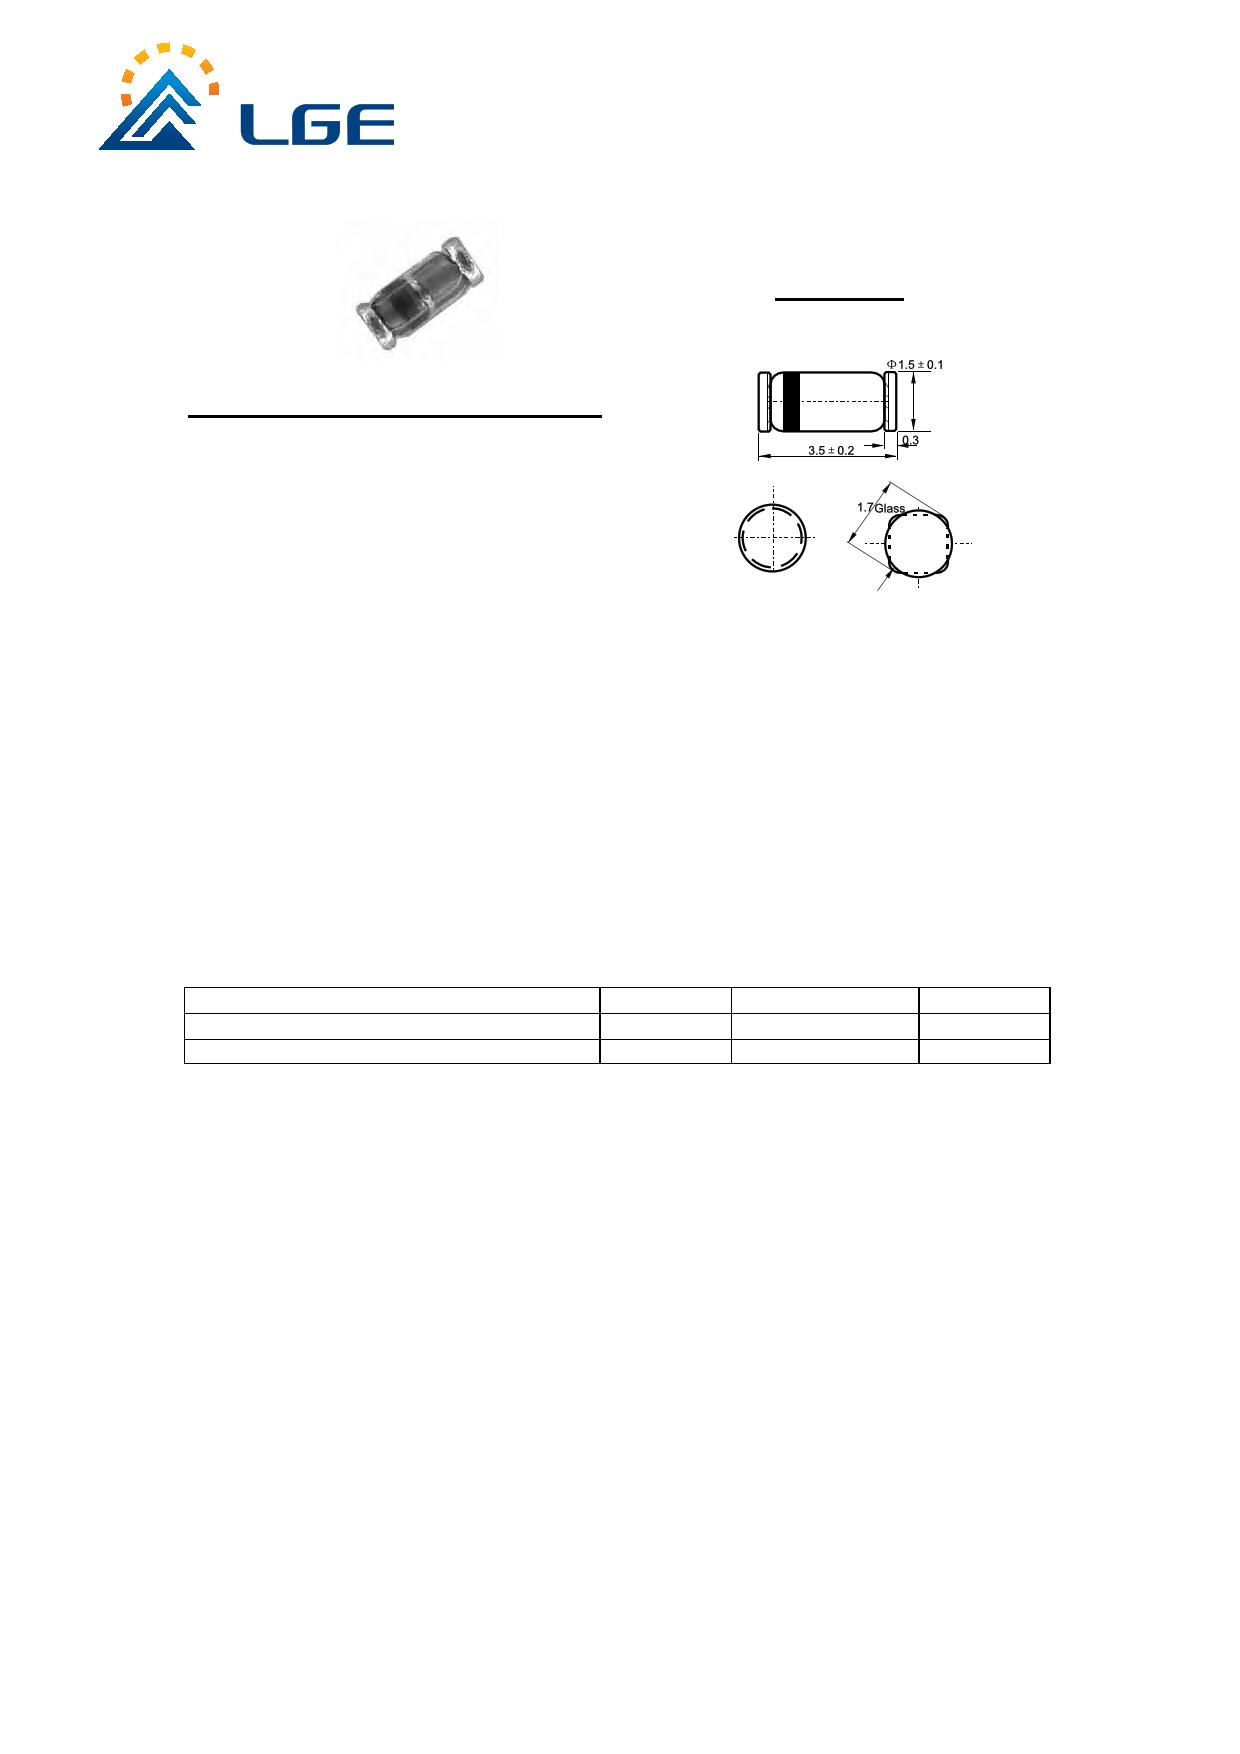 BZV55B9V1 Datasheet, BZV55B9V1 PDF,ピン配置, 機能